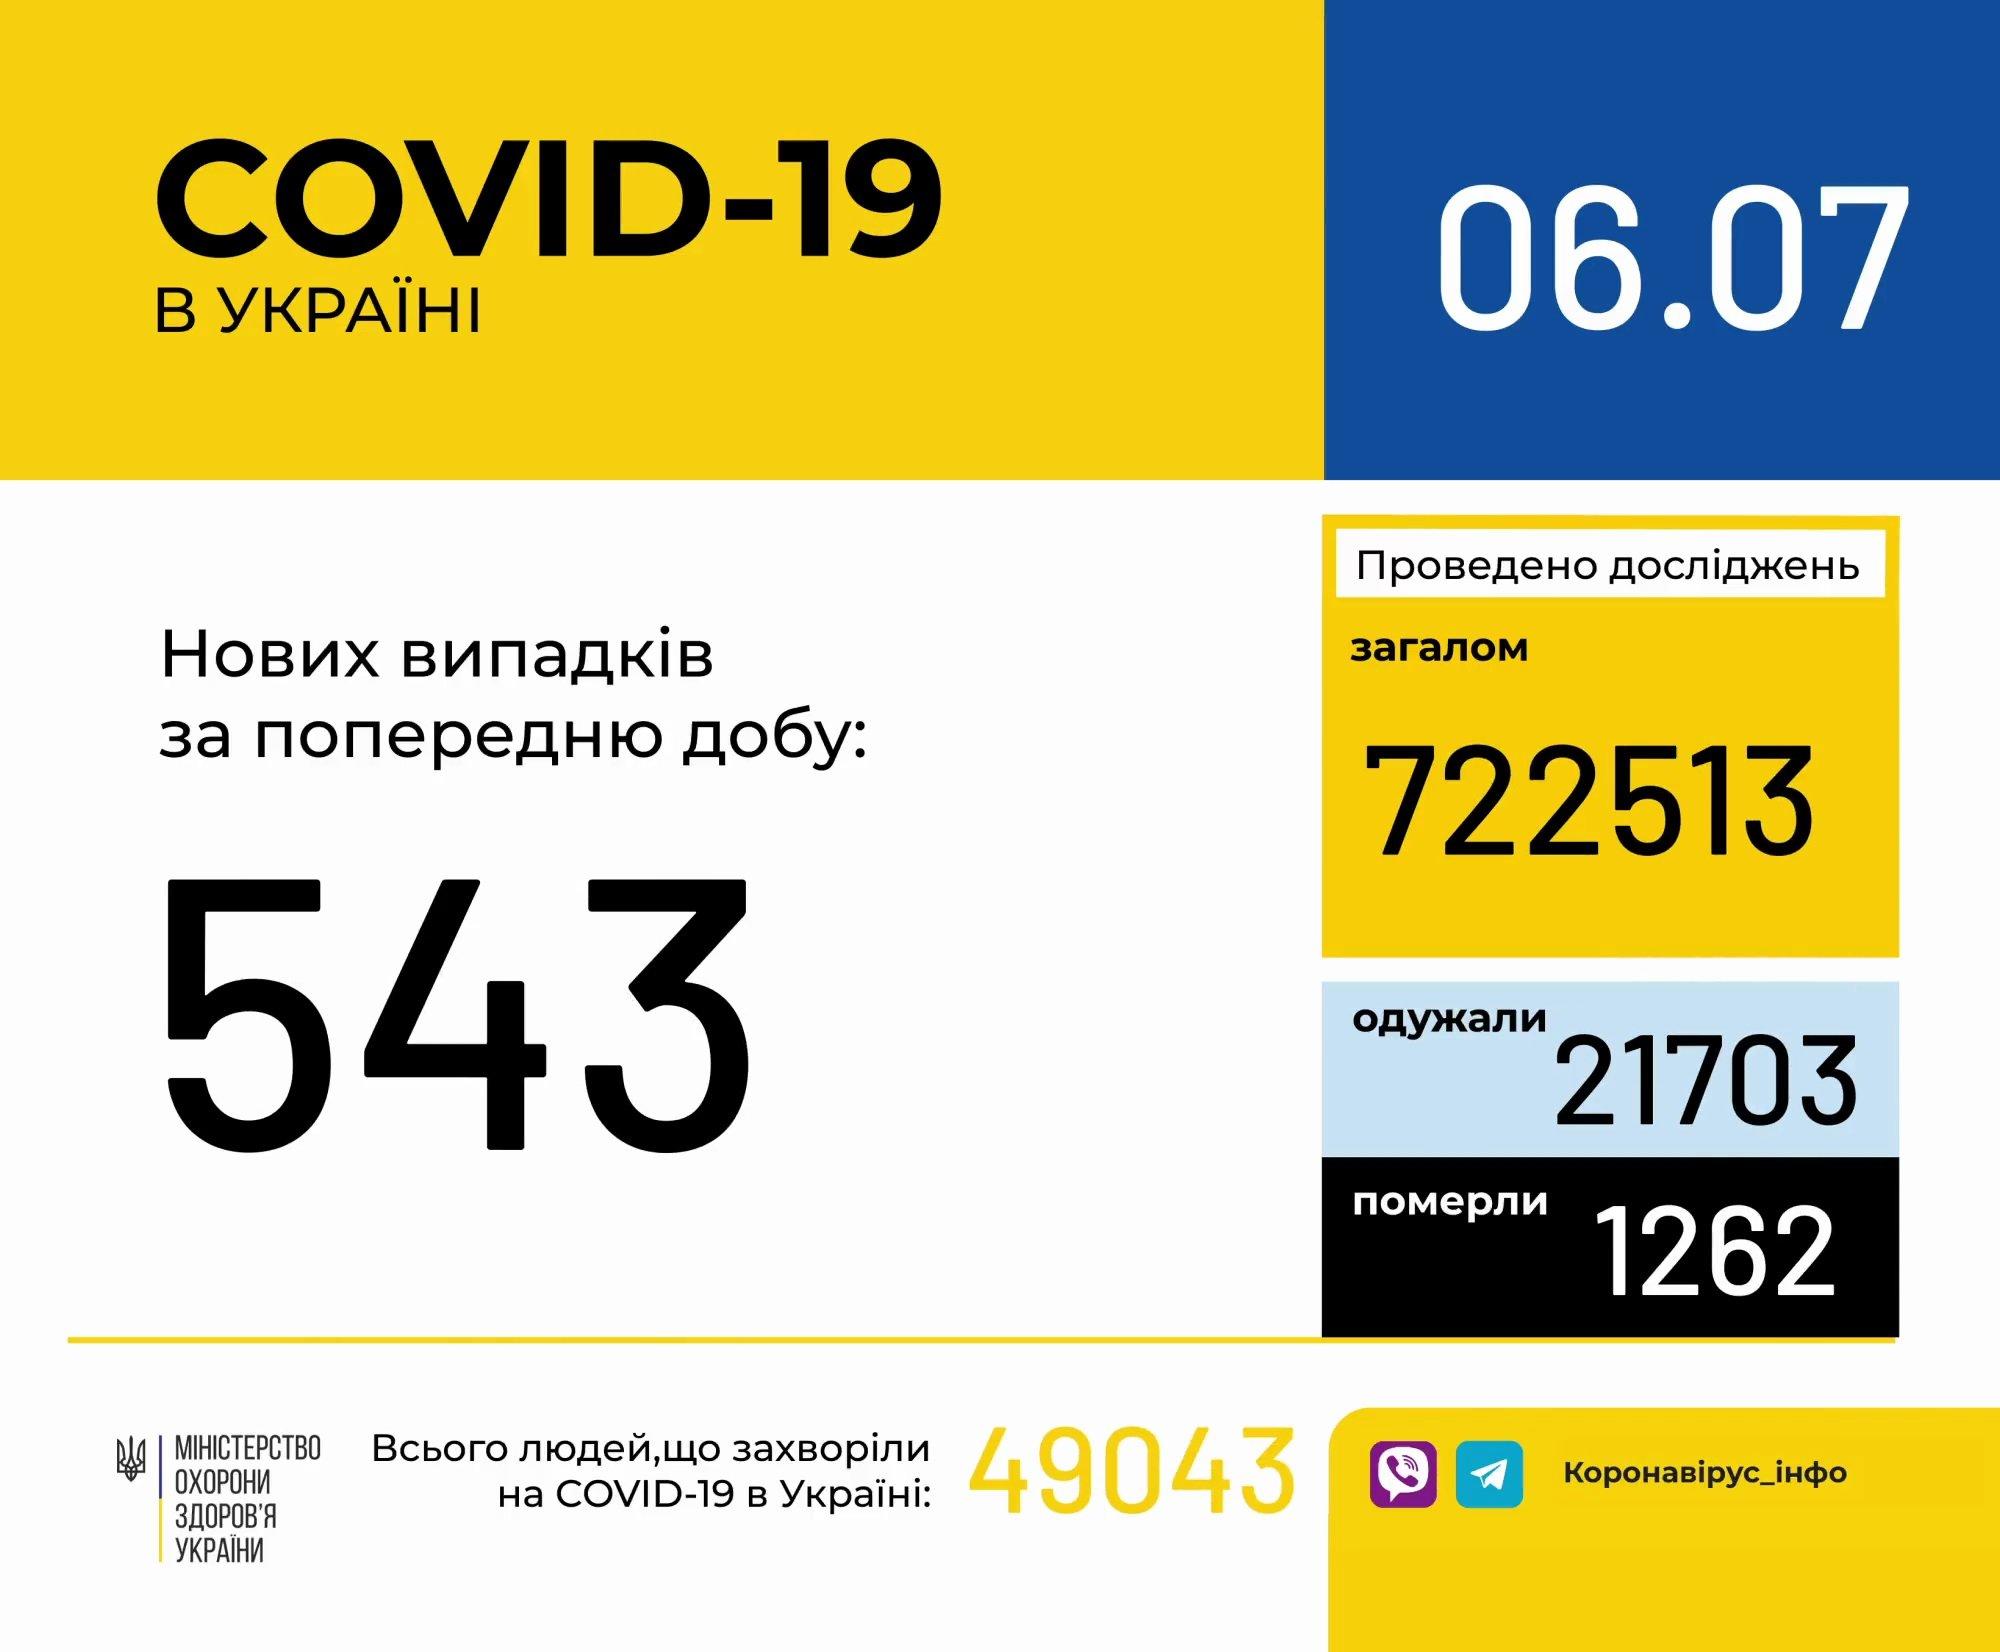 Статистика по коронавирусу в Украине: число заболевших стремительно уменьшается